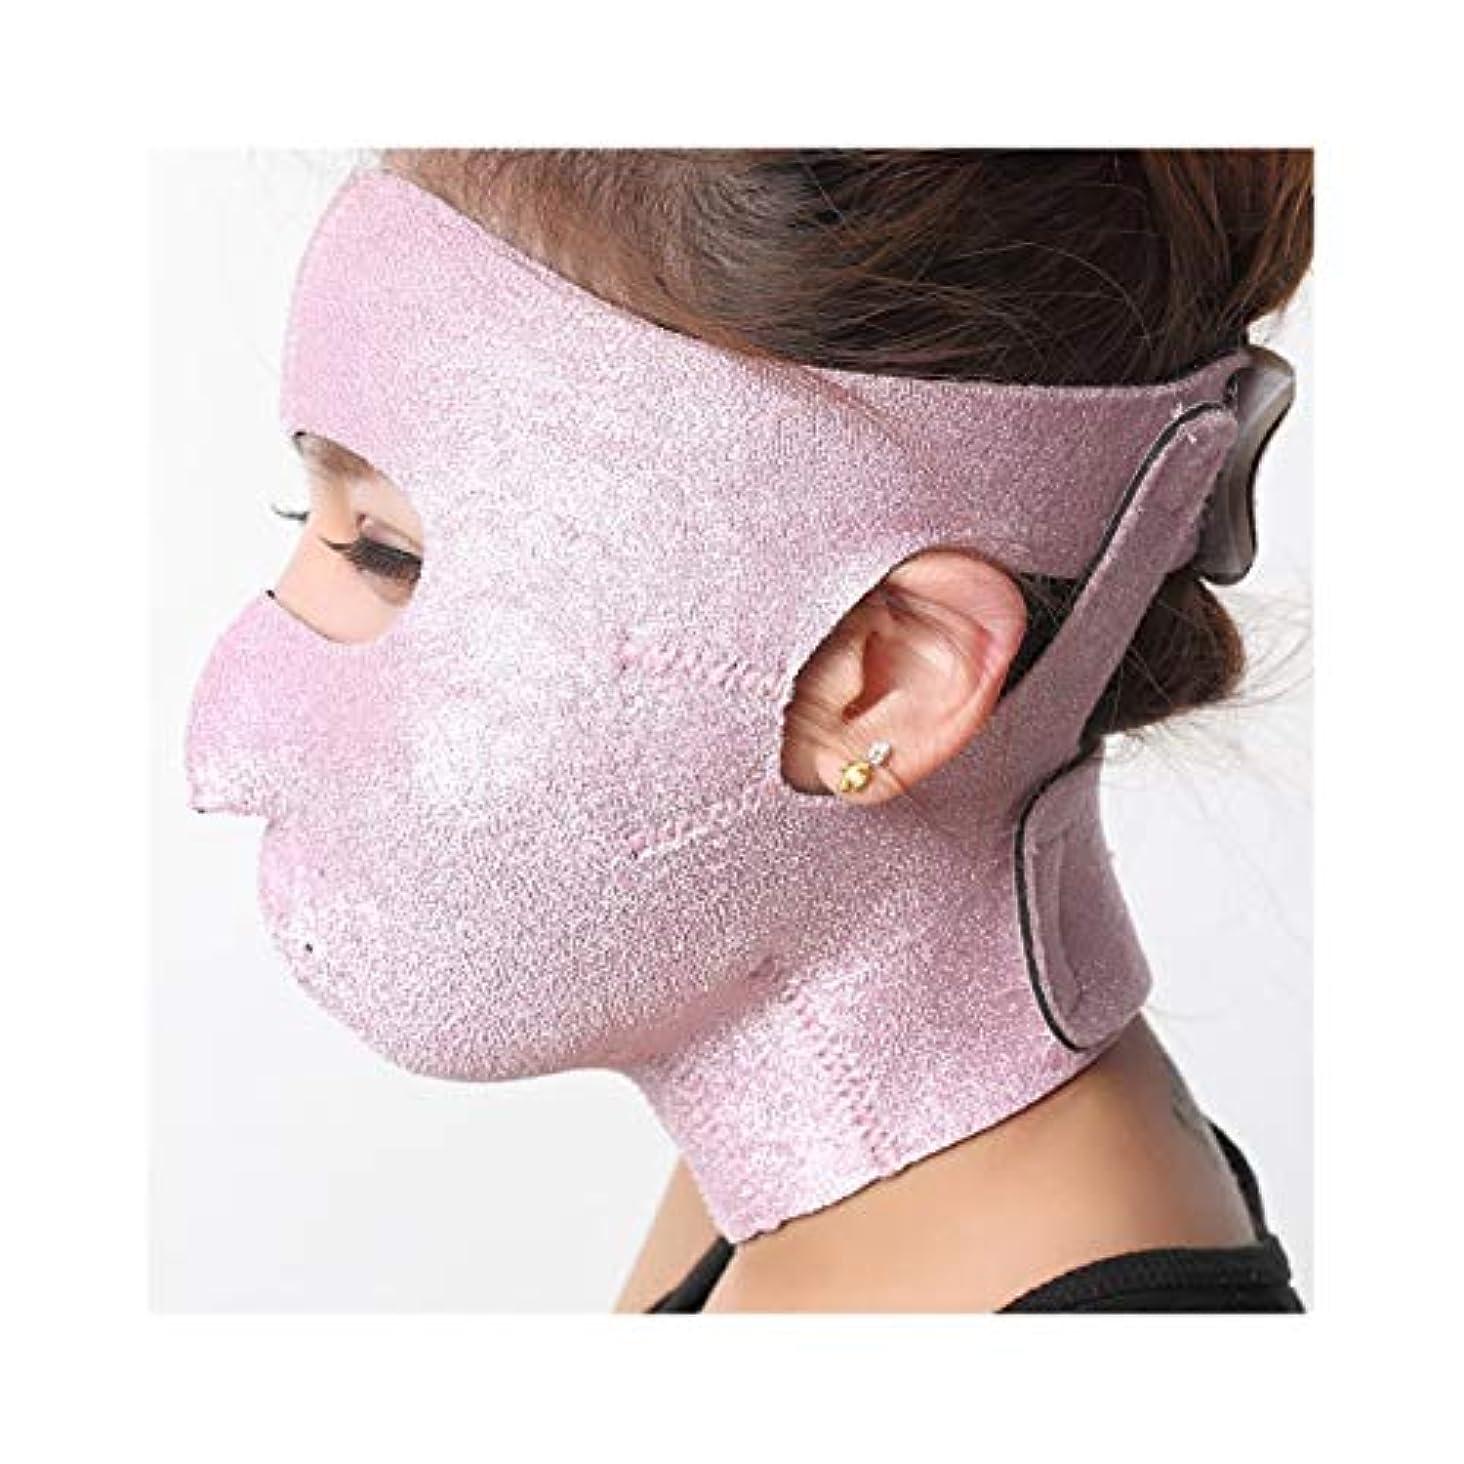 サポートキャンペーン耐久TLMY 引き締めマスク小さなVフェイスアーティファクト睡眠薄いフェイス包帯マスクと引き締めマスク引き締めクリームフェイスリフトフェイスメロン 顔用整形マスク